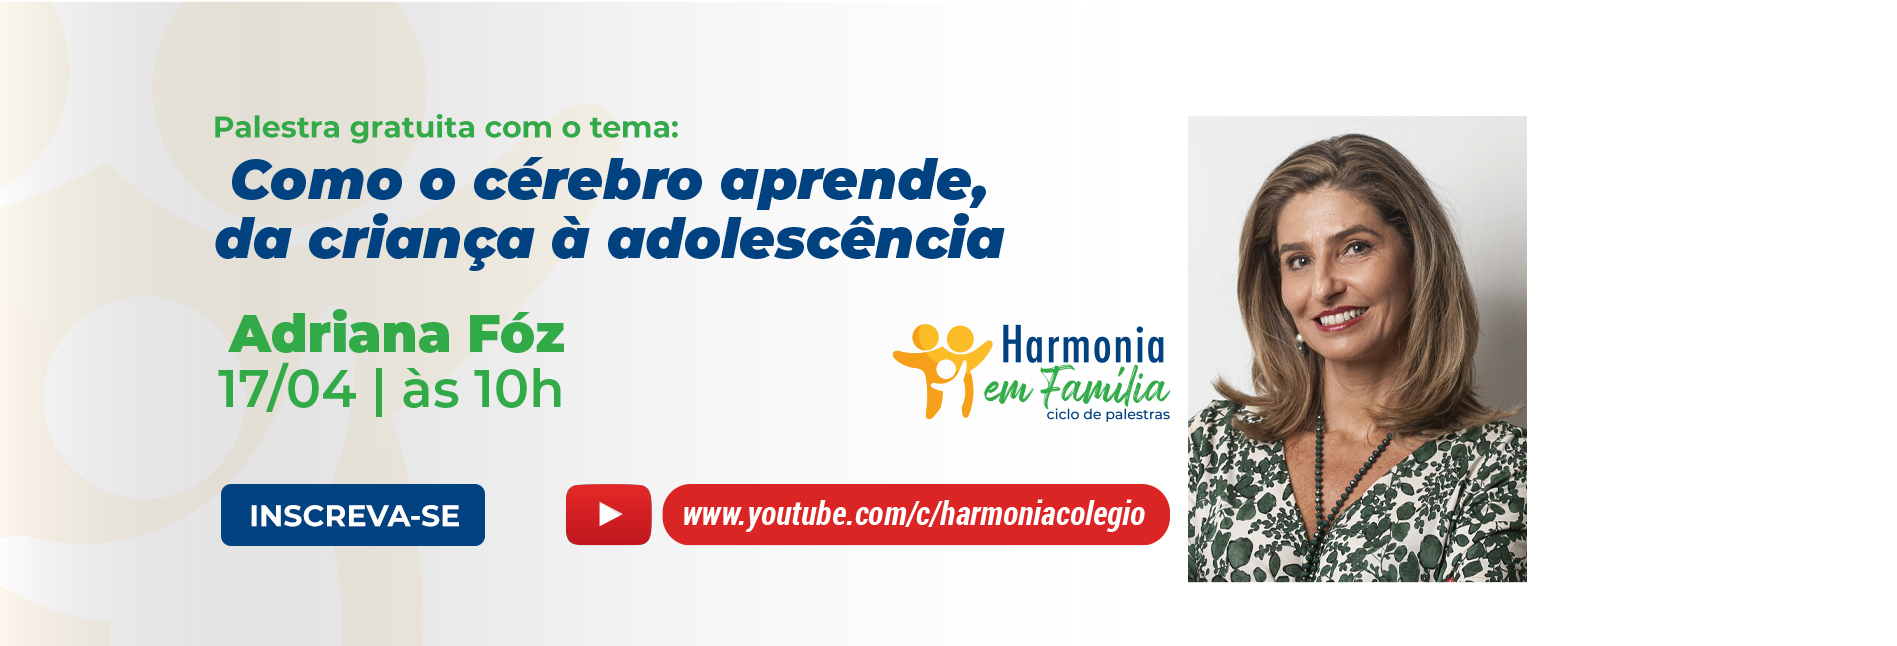 Harmonia em Família Adriana Foz